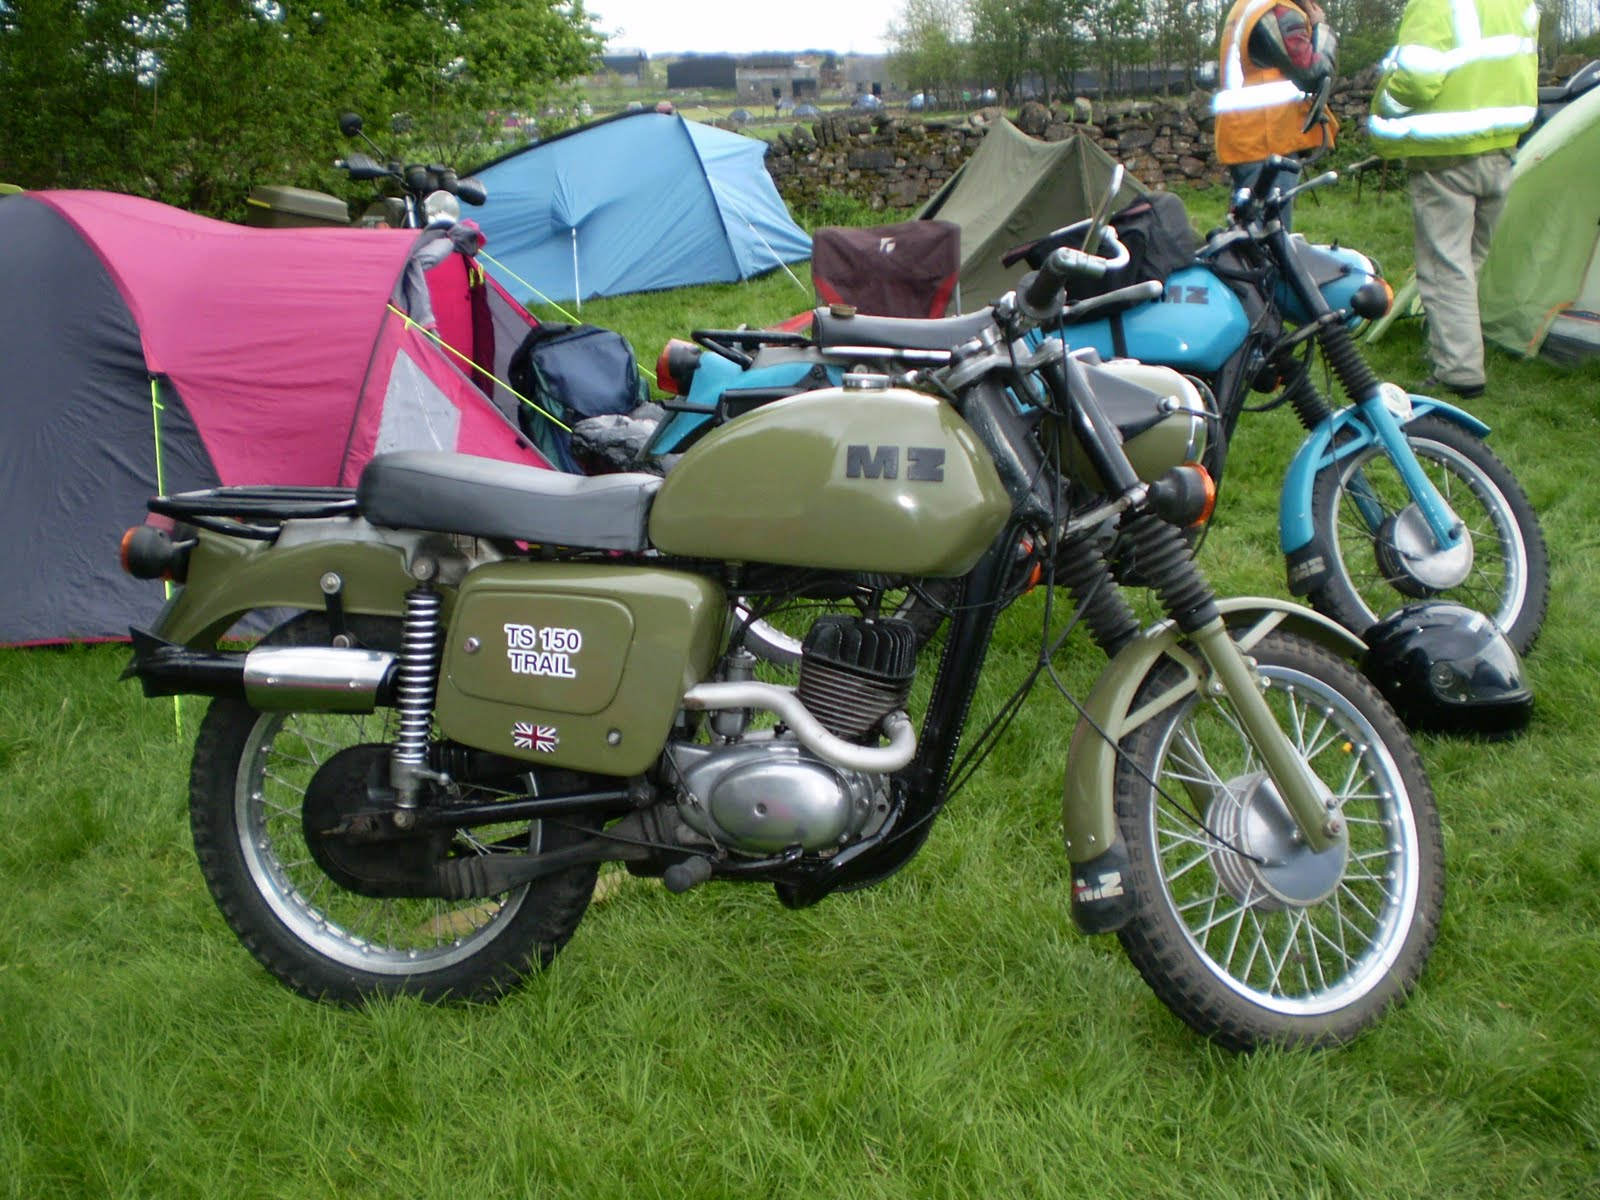 MZ britanniques Mz-ts-150-1981-moto